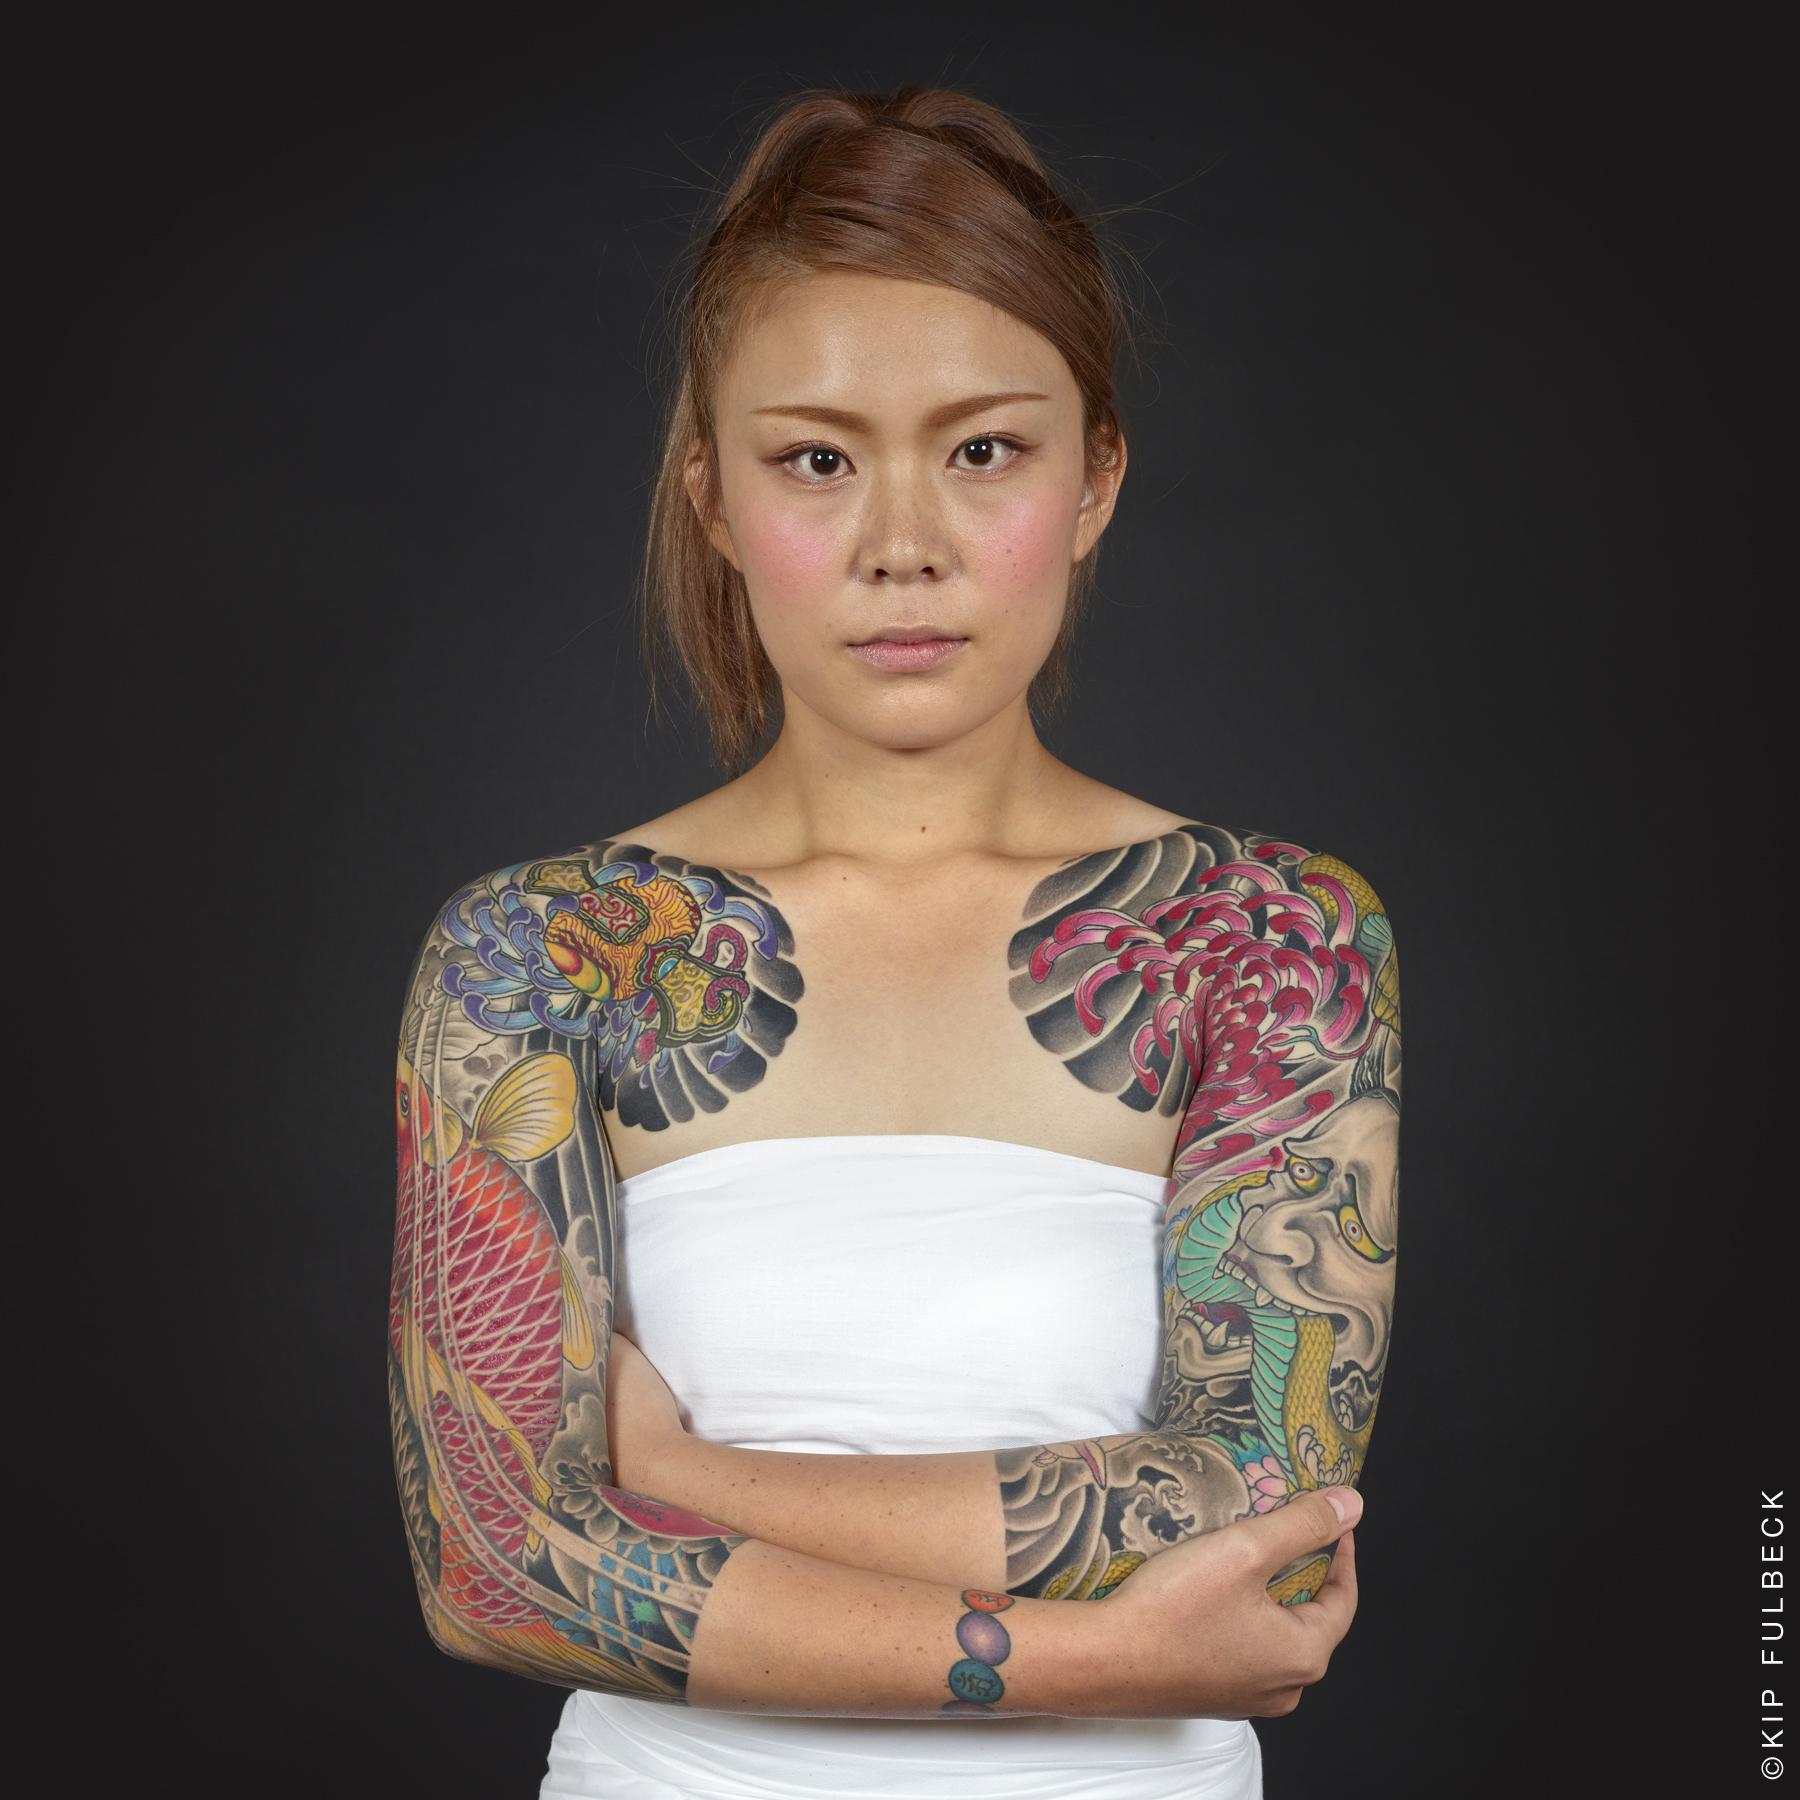 Megumi Fujii mixed martial arts photo